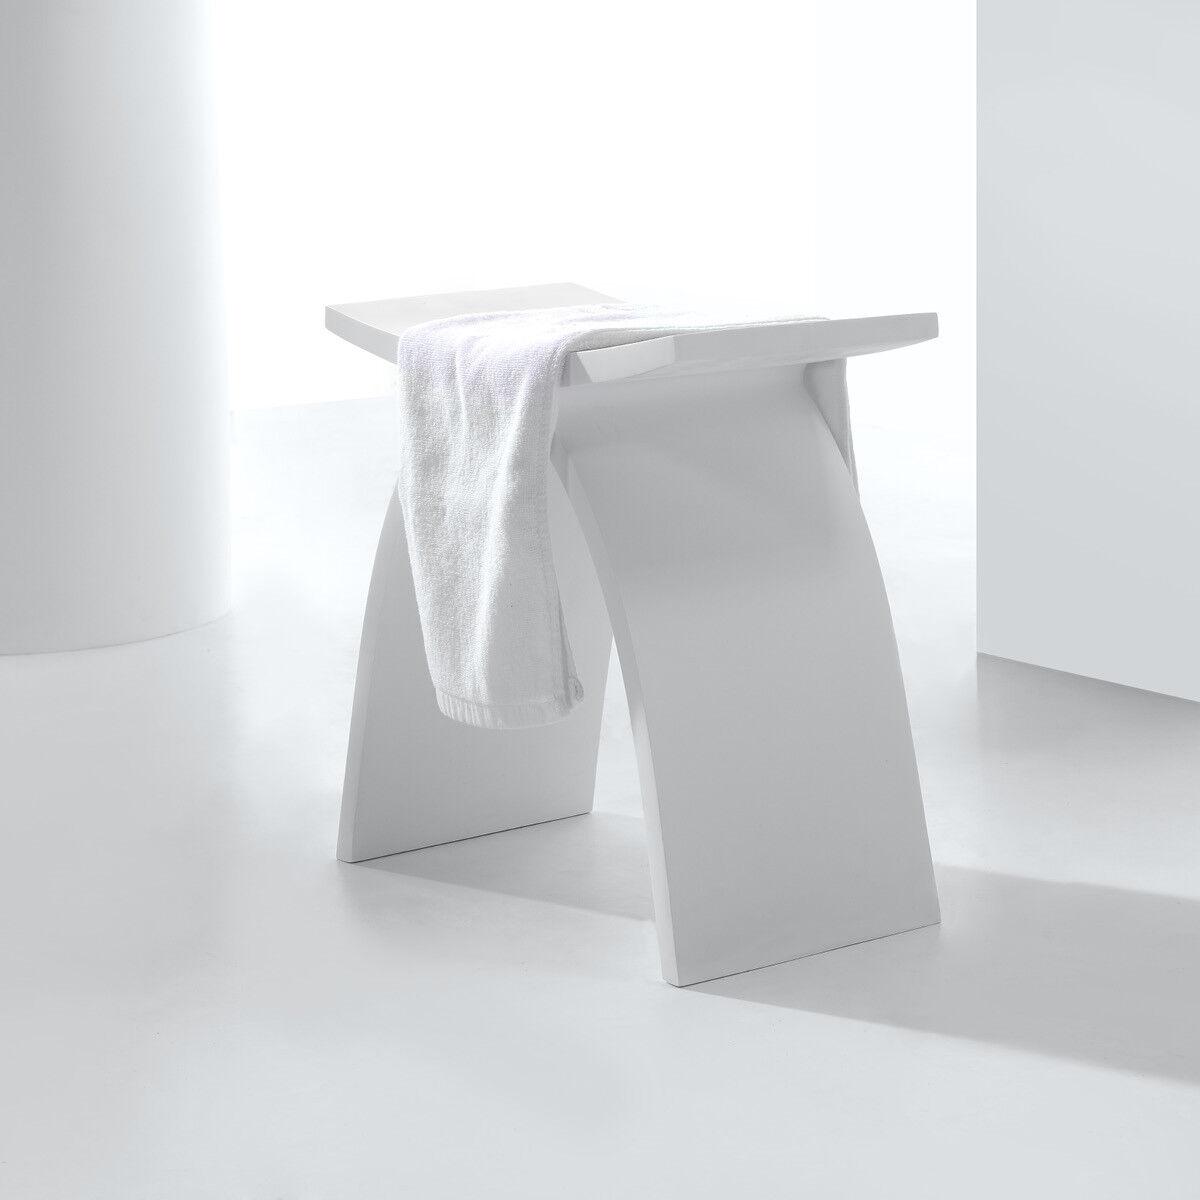 Design Badhocker aus Mineralguss freistehend Stuhl Hocker Badmöbel Duschstuhl